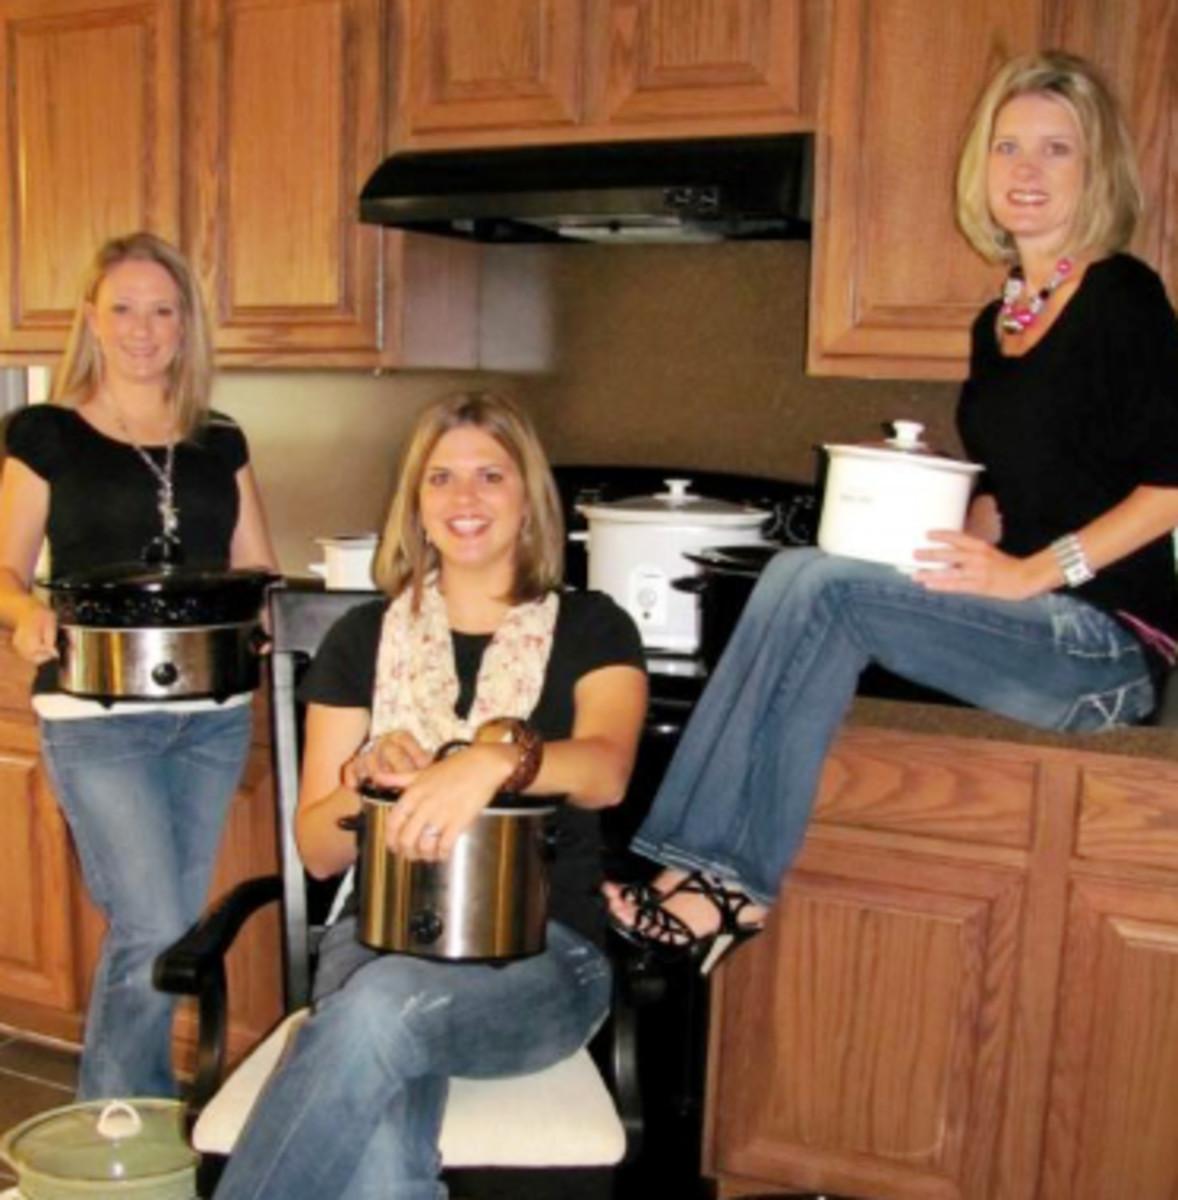 The Crock Pot Girls